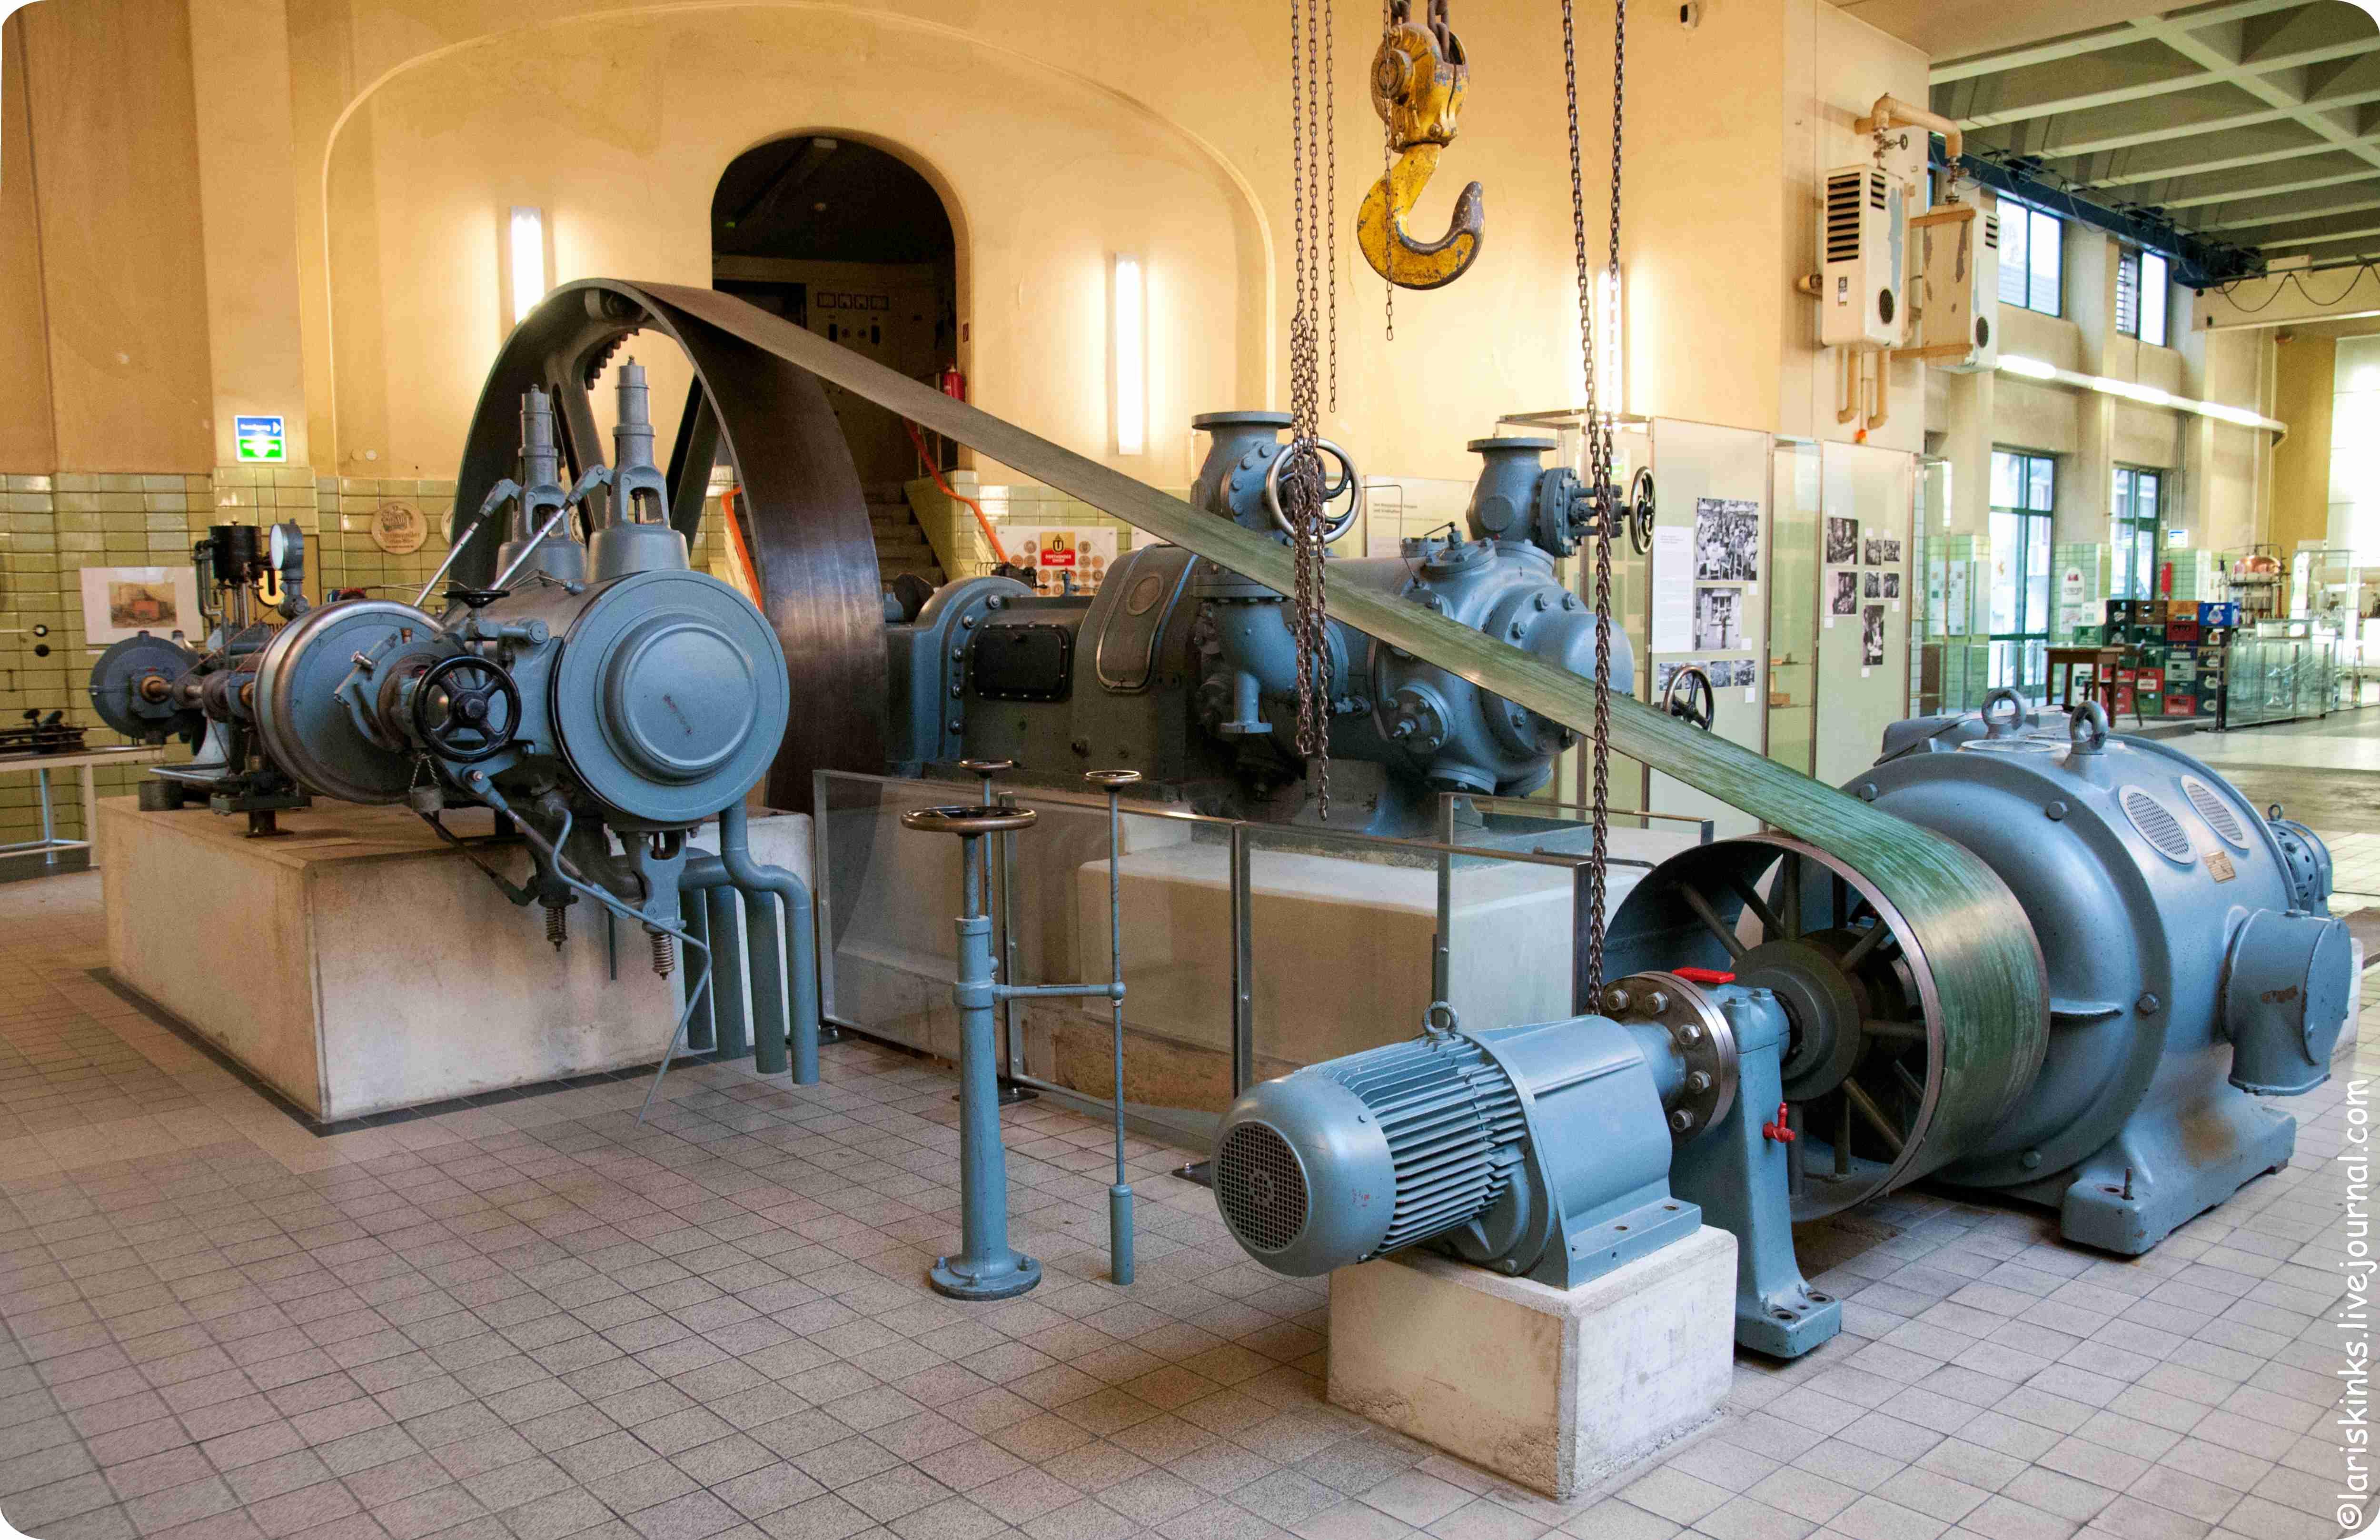 Элементы производства пива в Музее Пива (Дортмунд, Германия) 01